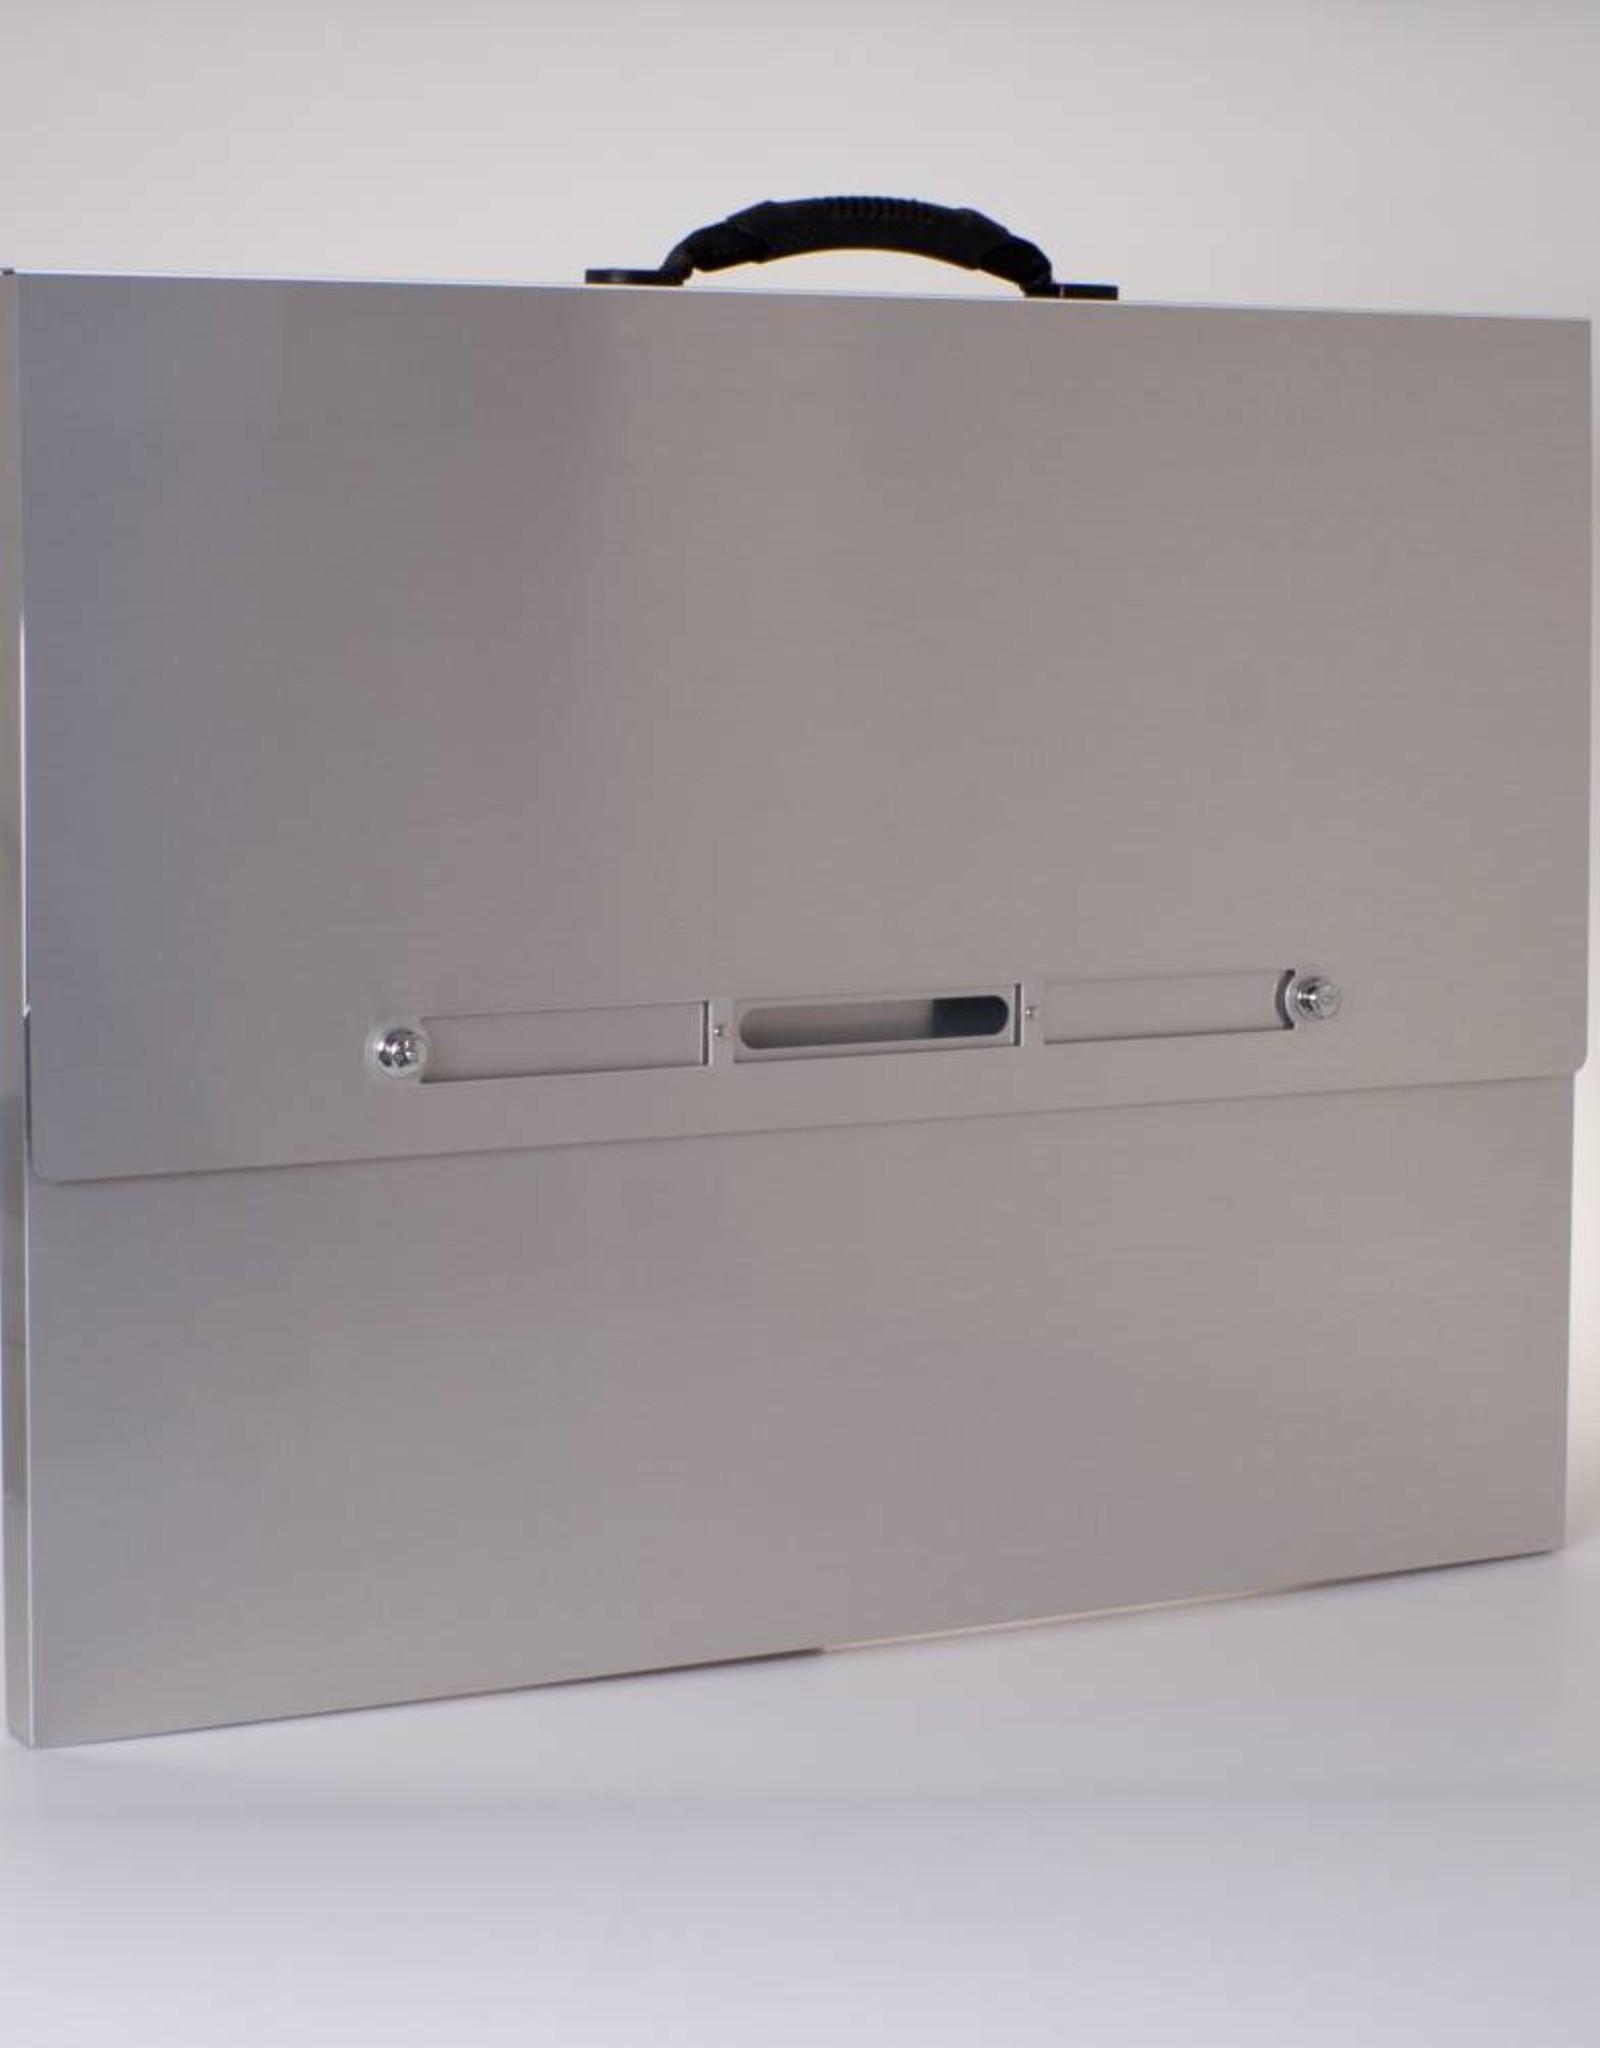 RibbleBox TKBOL57/75/3ALU